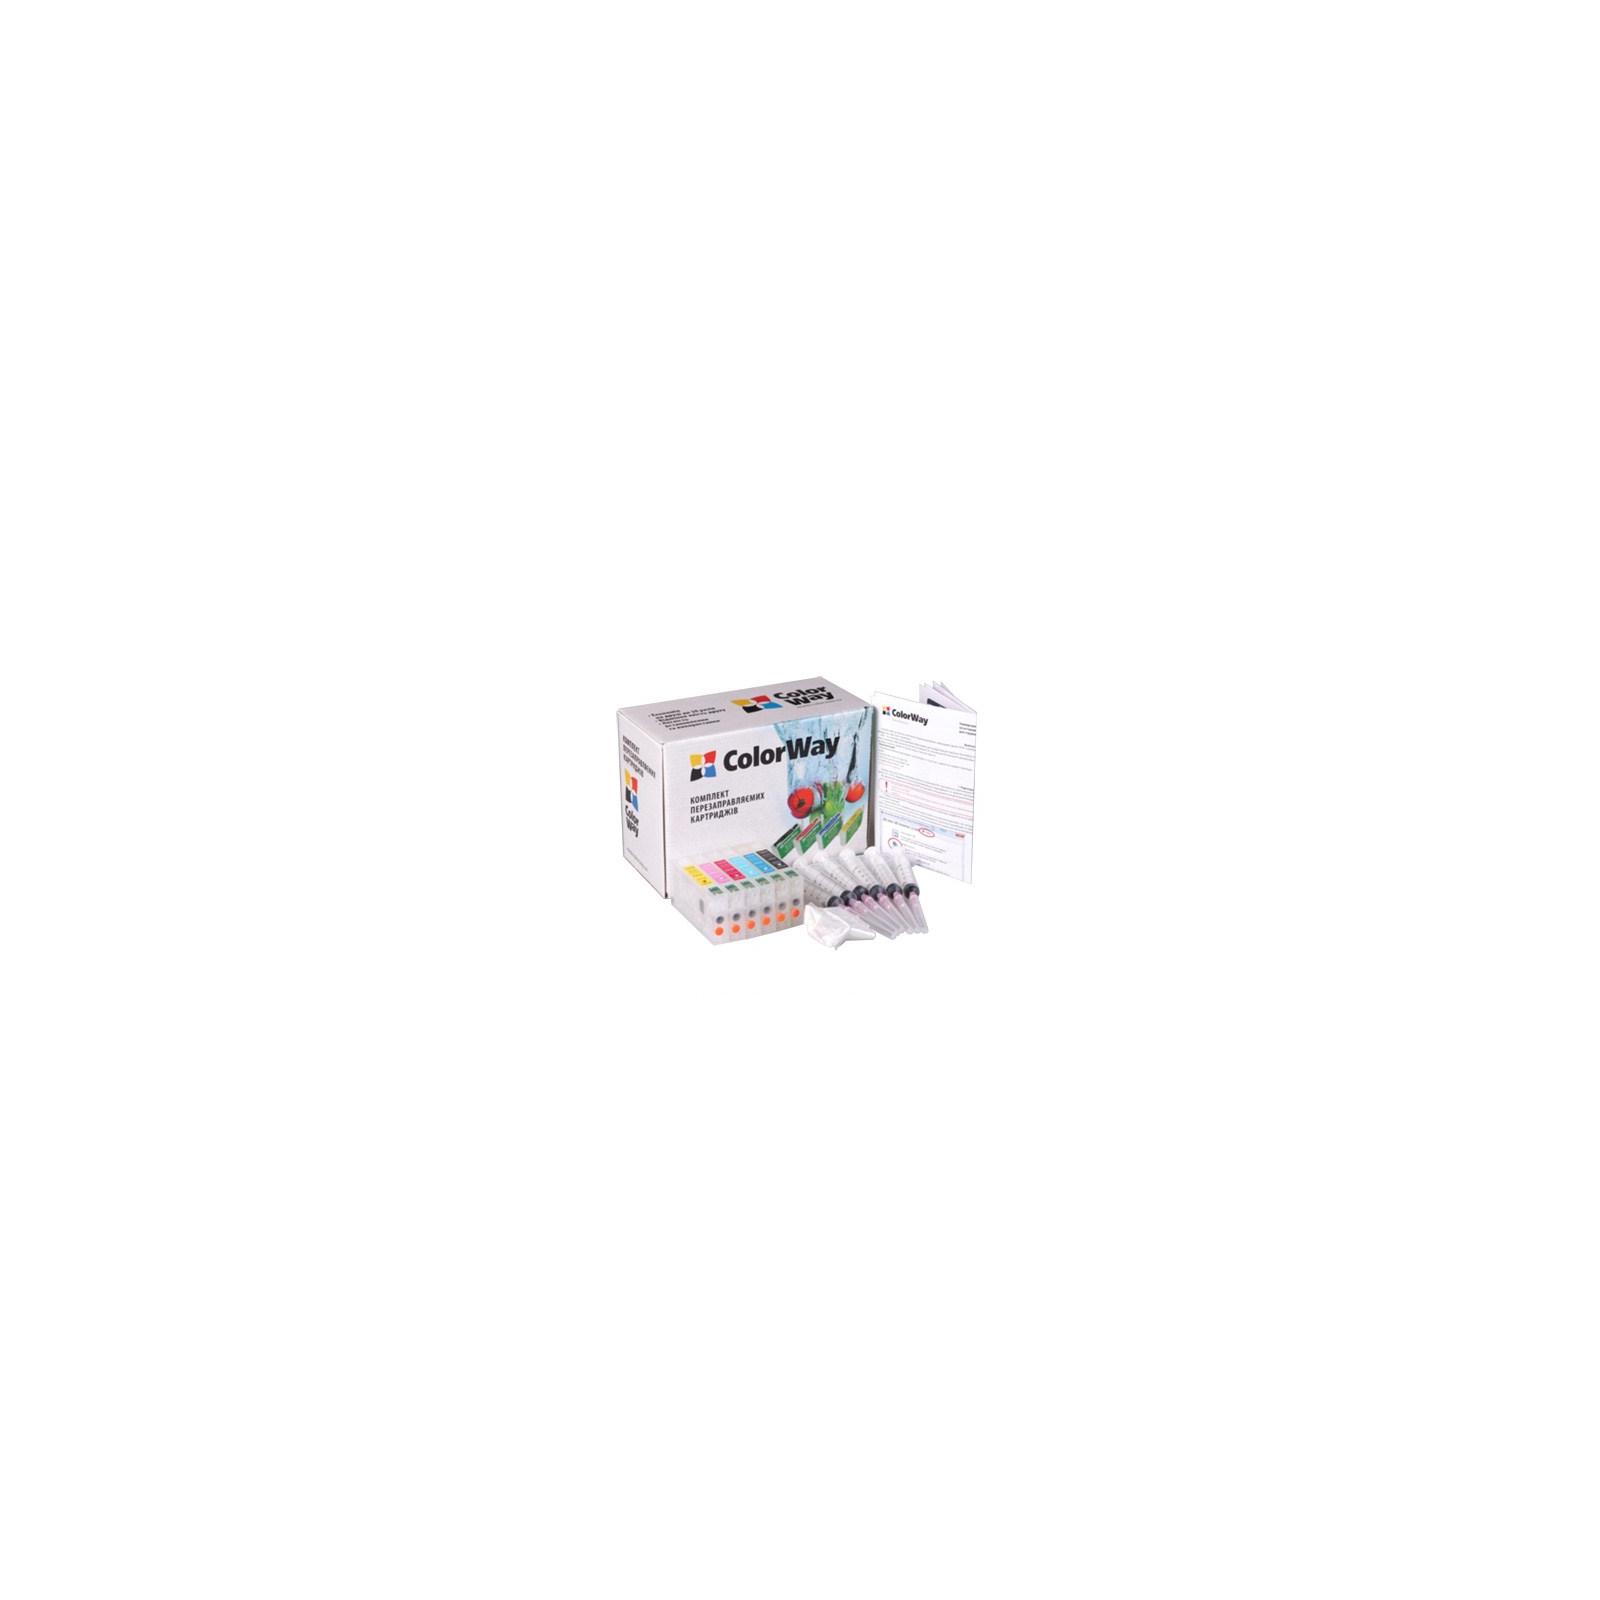 Комплект перезаправляемых картриджей ColorWay Epson RX700 (без чрнил) (RX700RC-0.0)